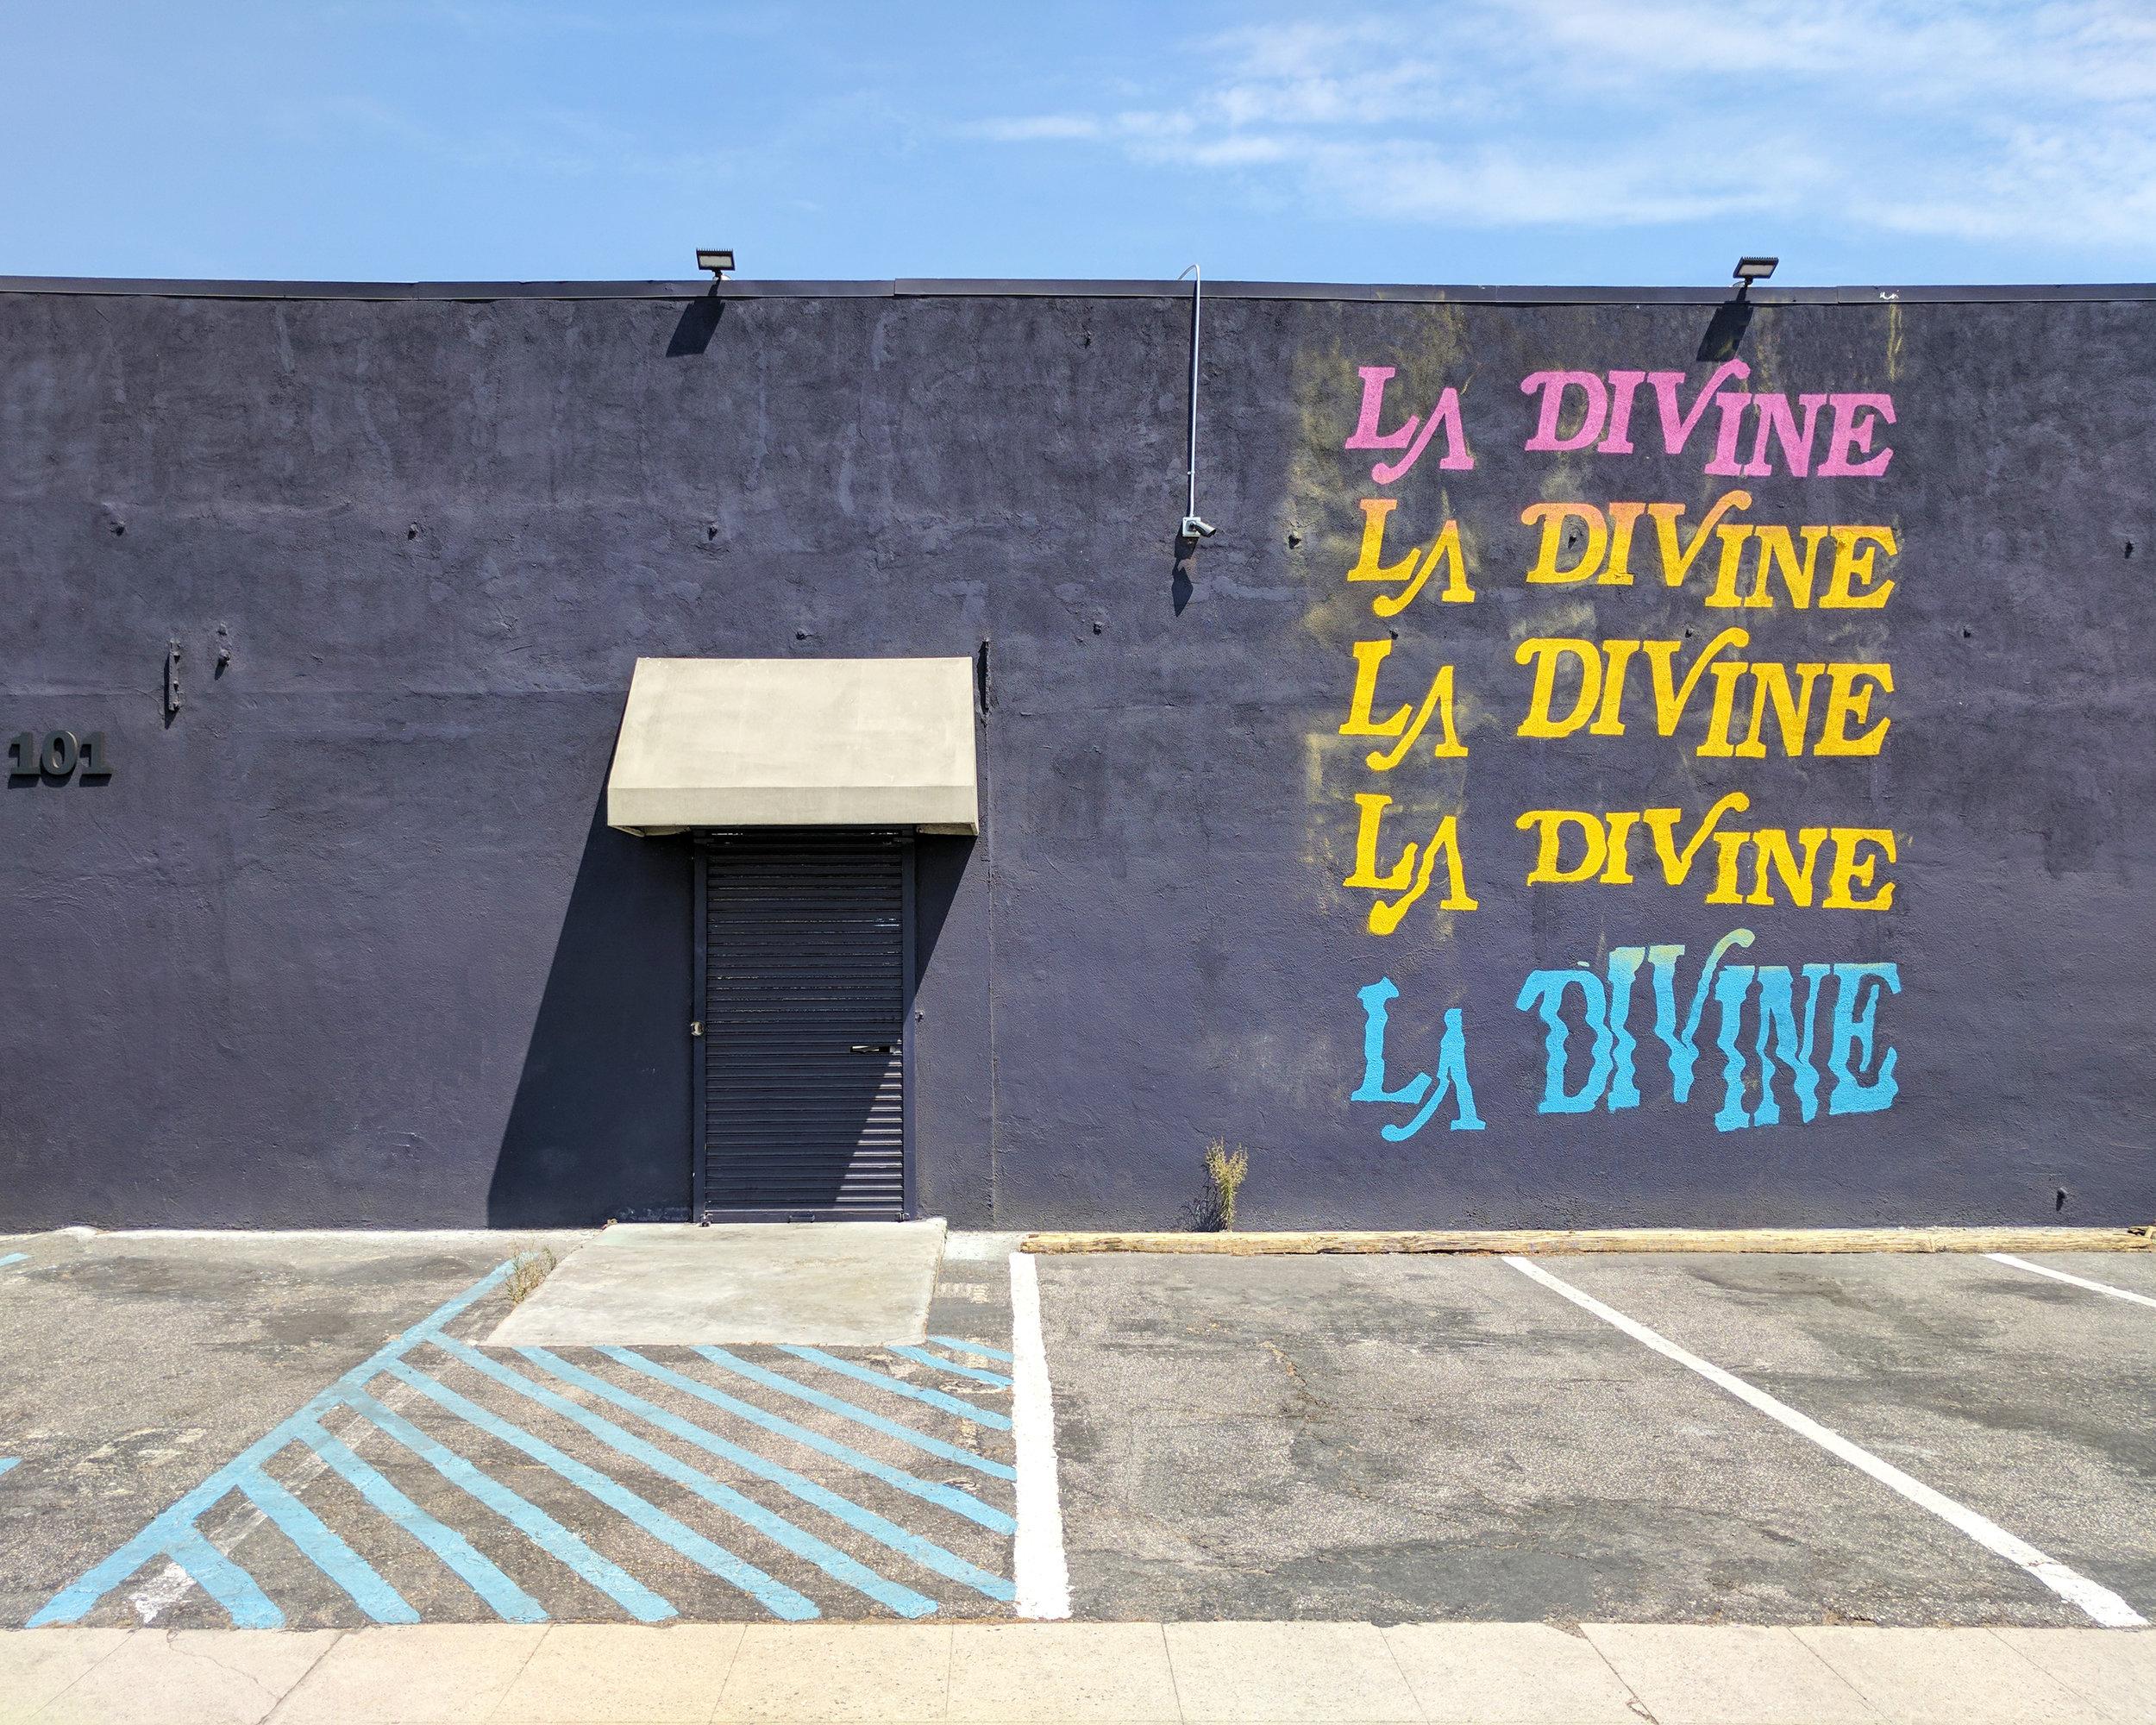 La Divine